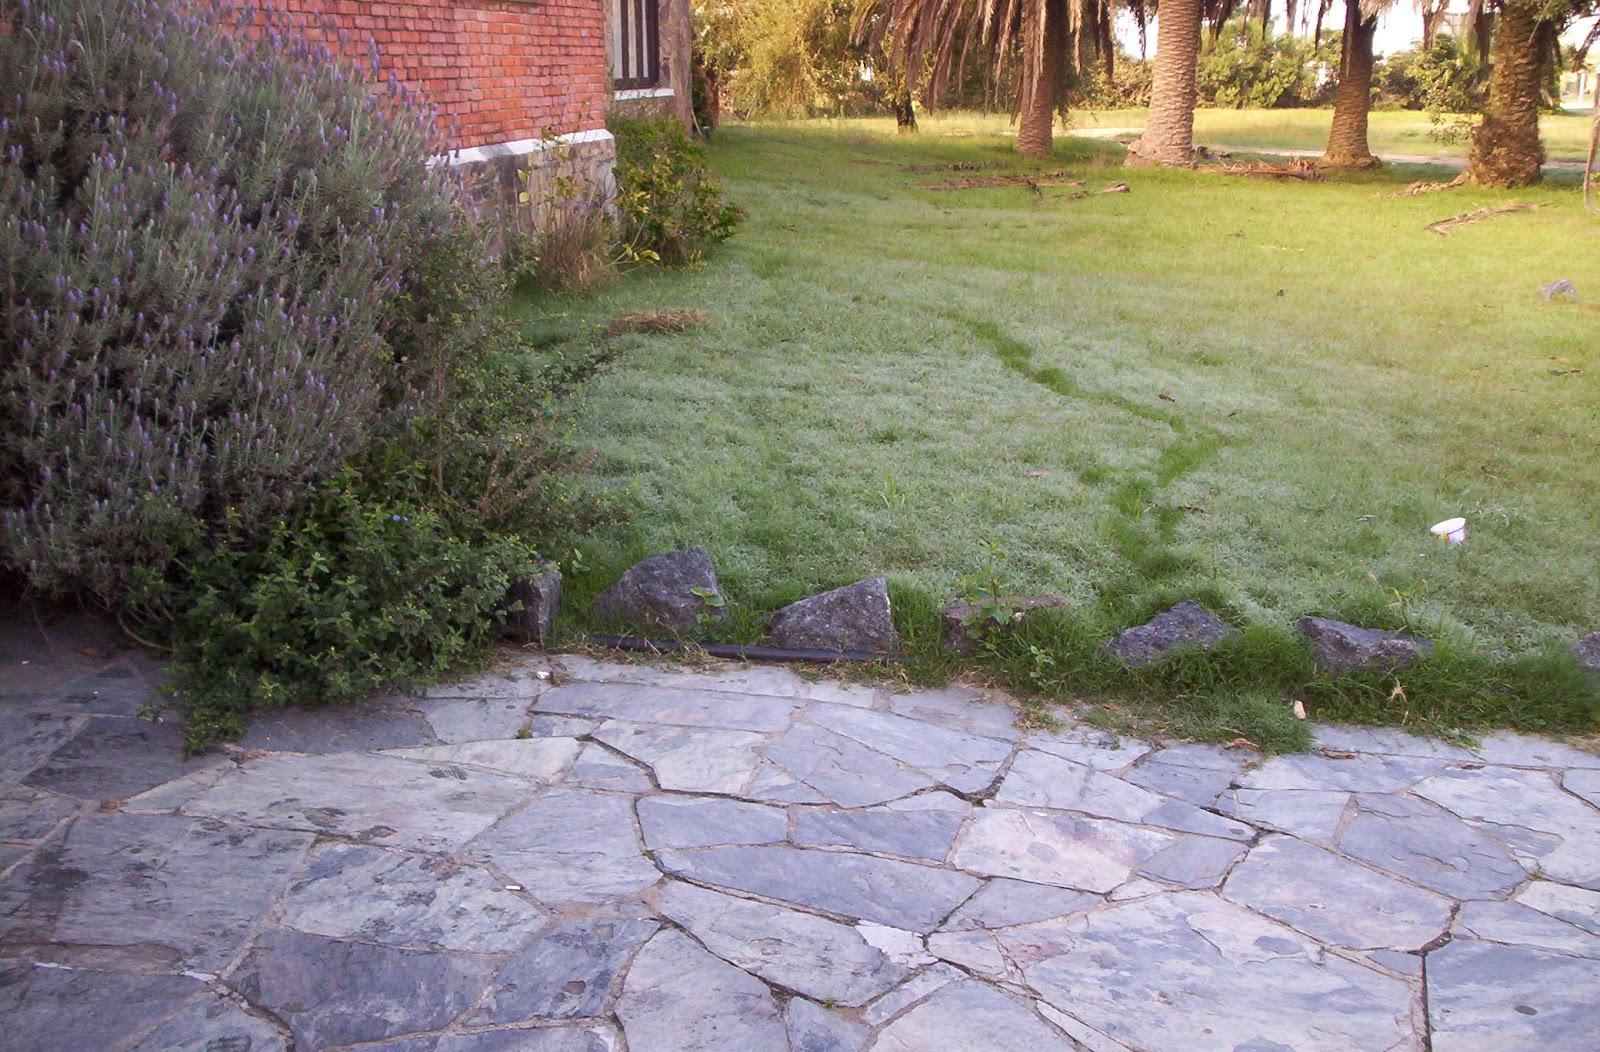 Curso jardiner a utu atl ntida curso jardiner a for Curso jardineria